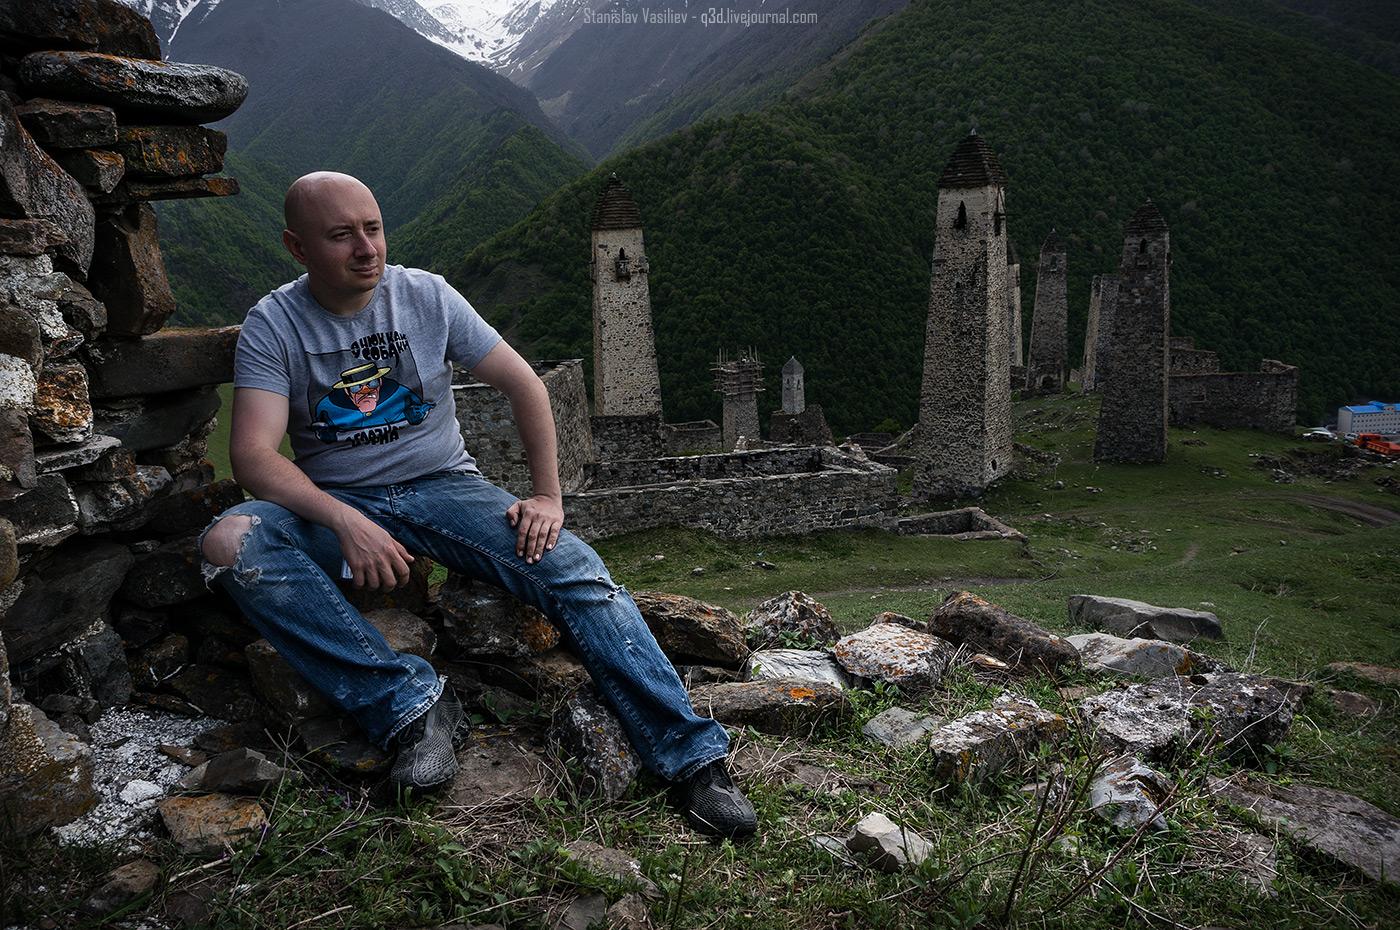 Tom Farr, футболки с персонажами мультфильмов, Ингушетия